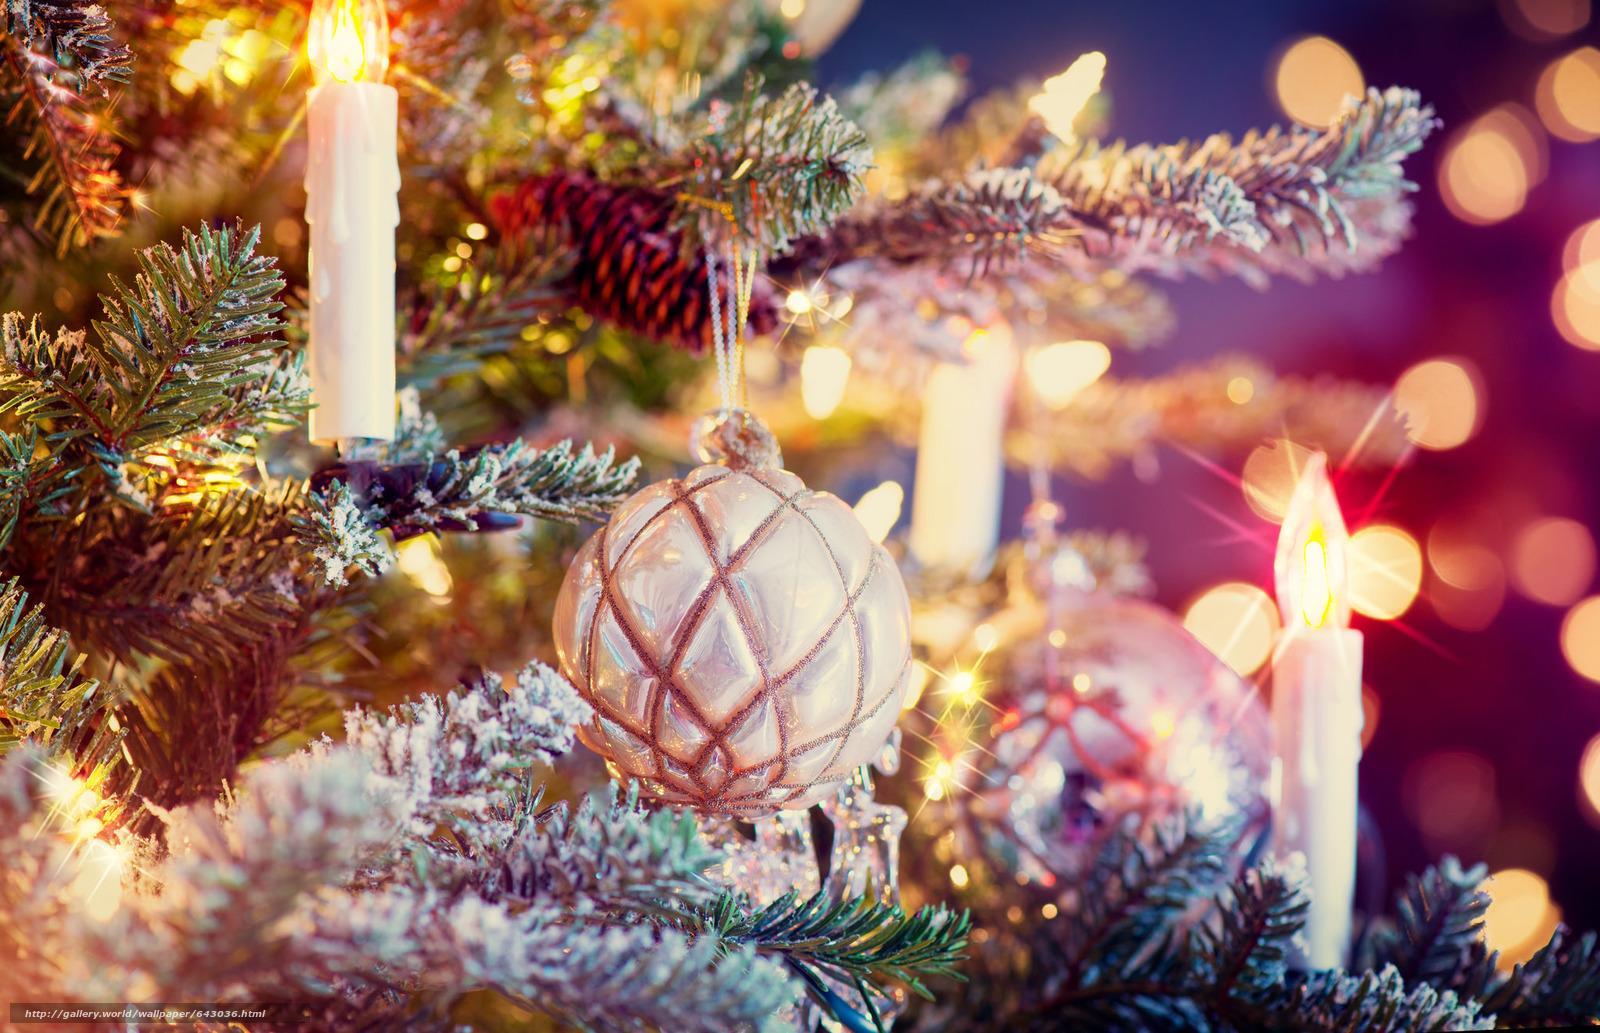 Descargar gratis Año Nuevo,  Fondos de Navidad,  Navidad,  fiesta Fondos de escritorio en la resolucin 2048x1322 — imagen №643036